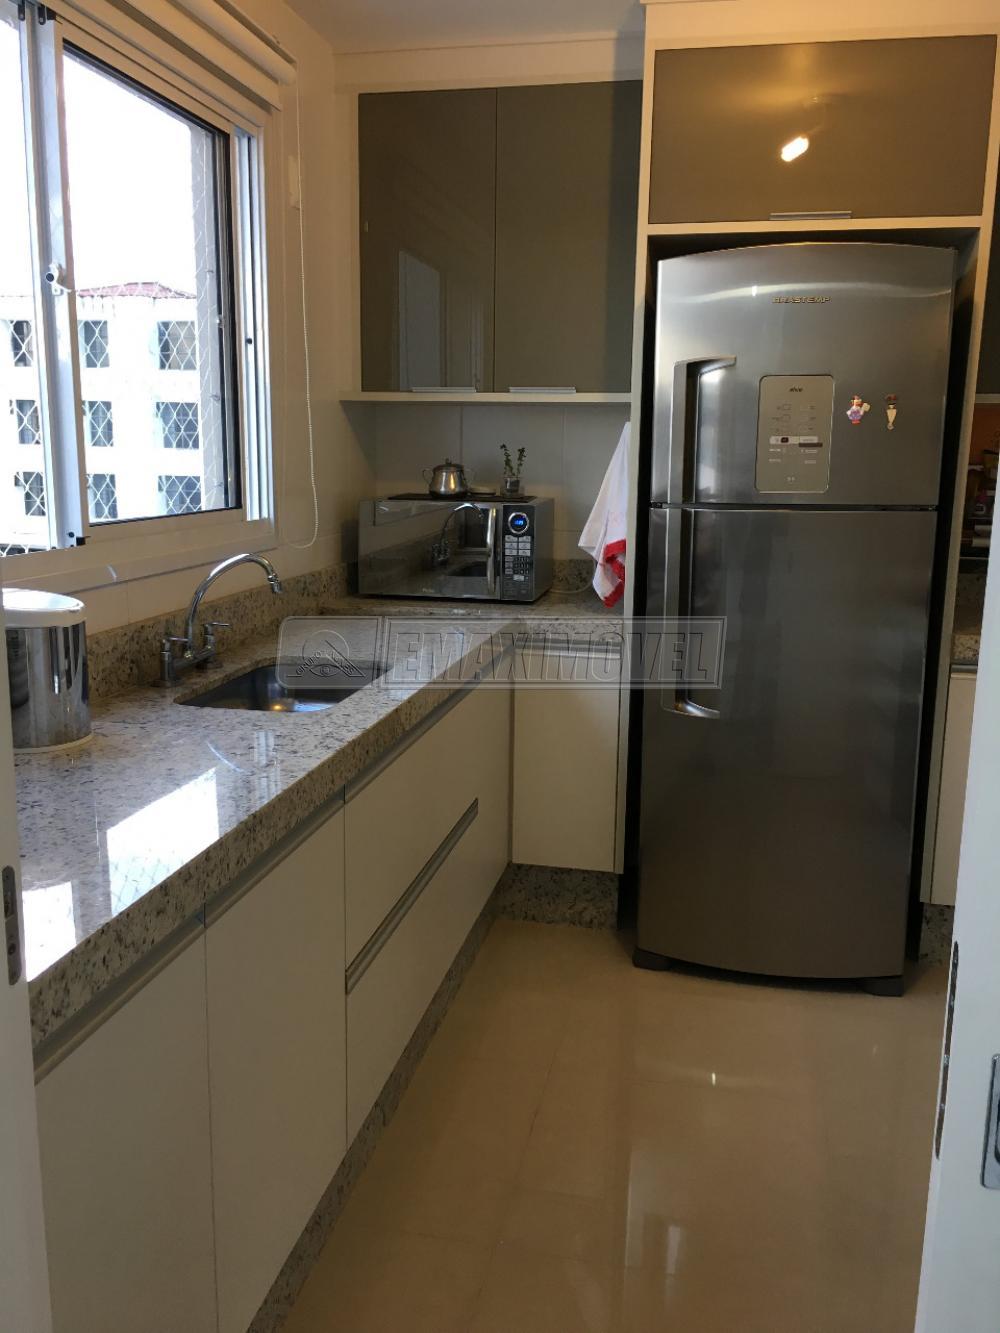 Comprar Apartamentos / Apto Padrão em Sorocaba apenas R$ 580.000,00 - Foto 10